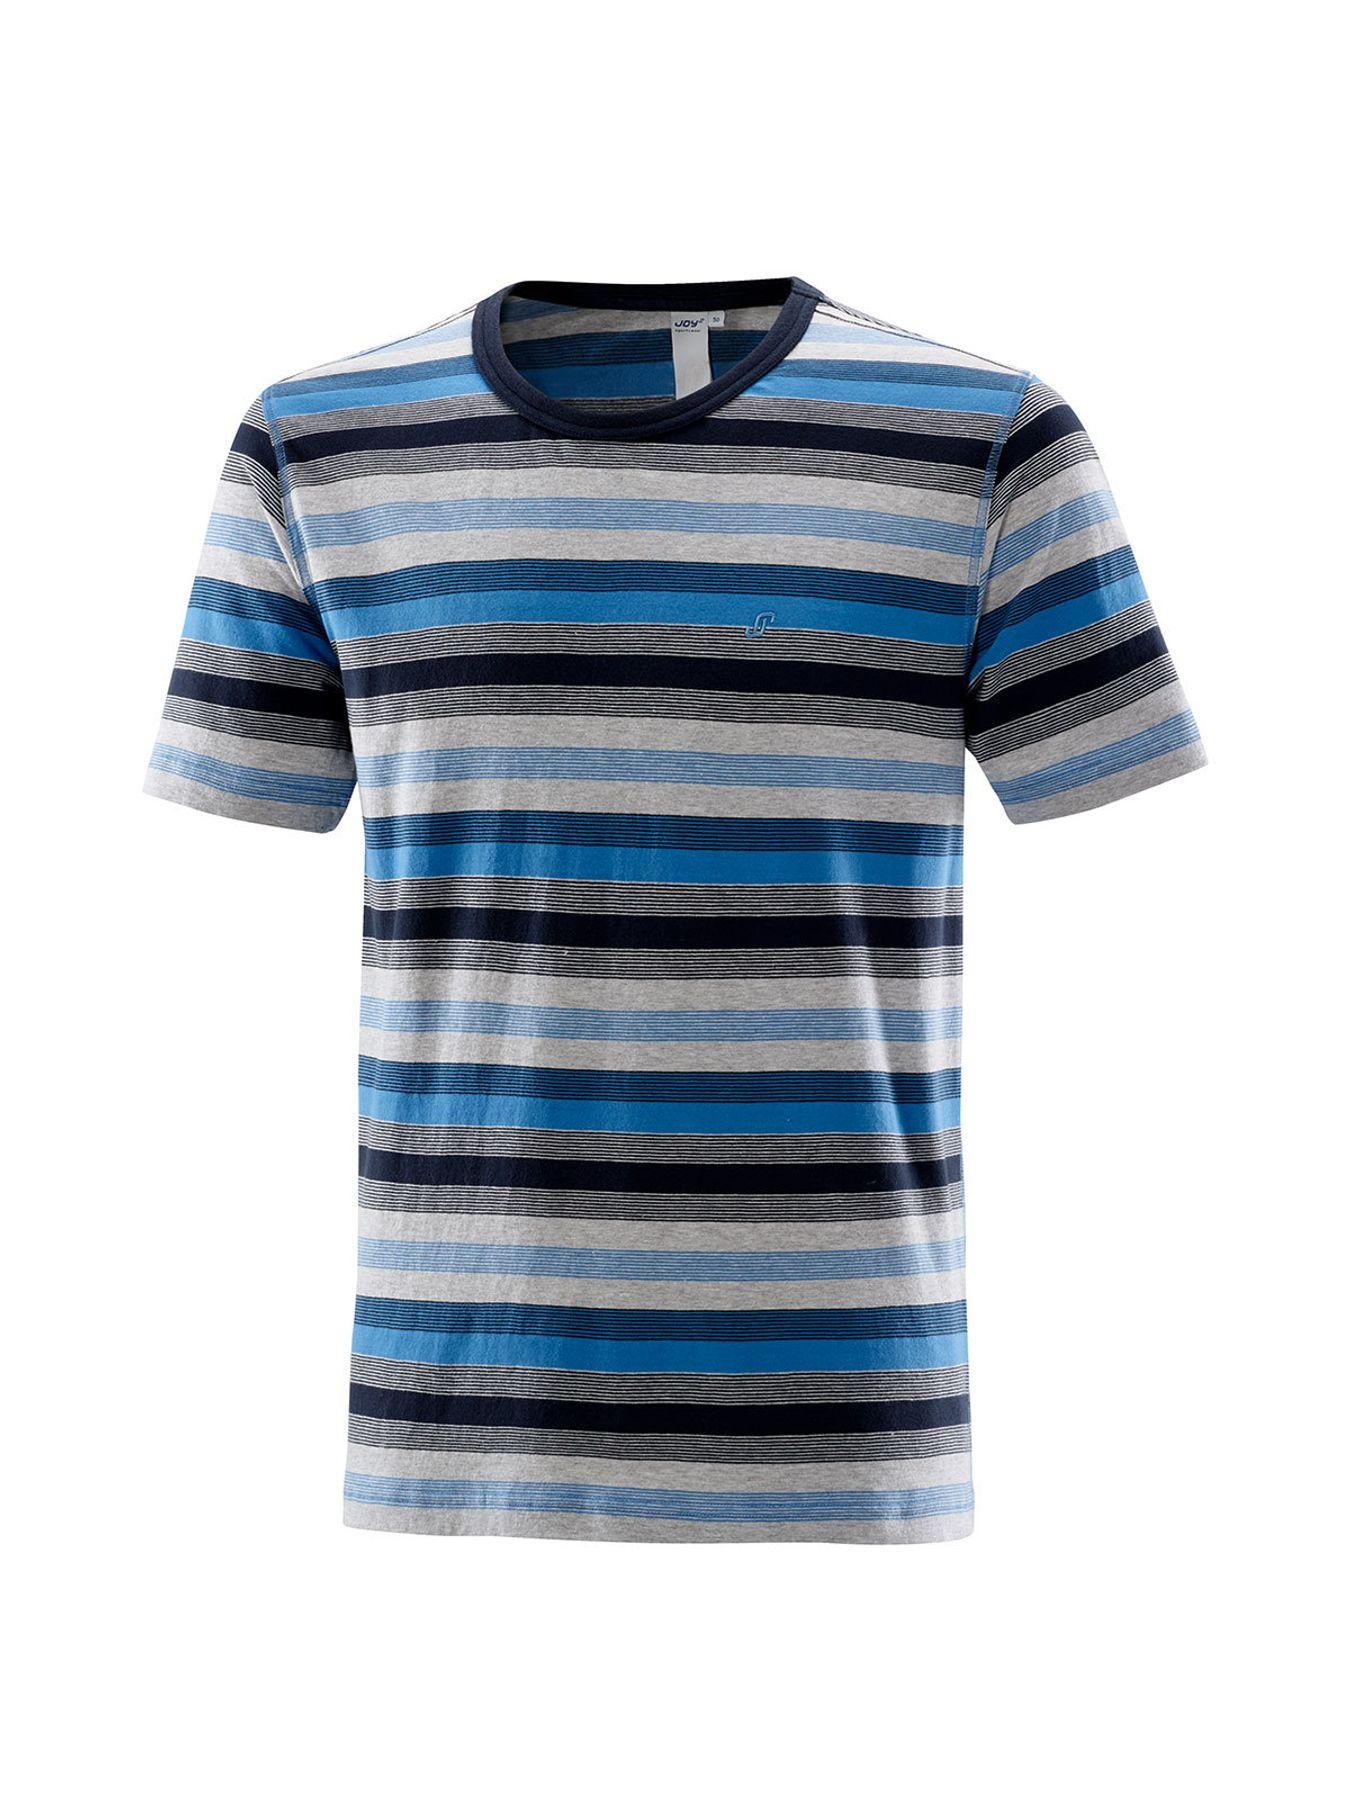 Joy - Herren Sport und Freizeit Shirt mit Rundhalsausschnitt, Helge (40178A) – Bild 4